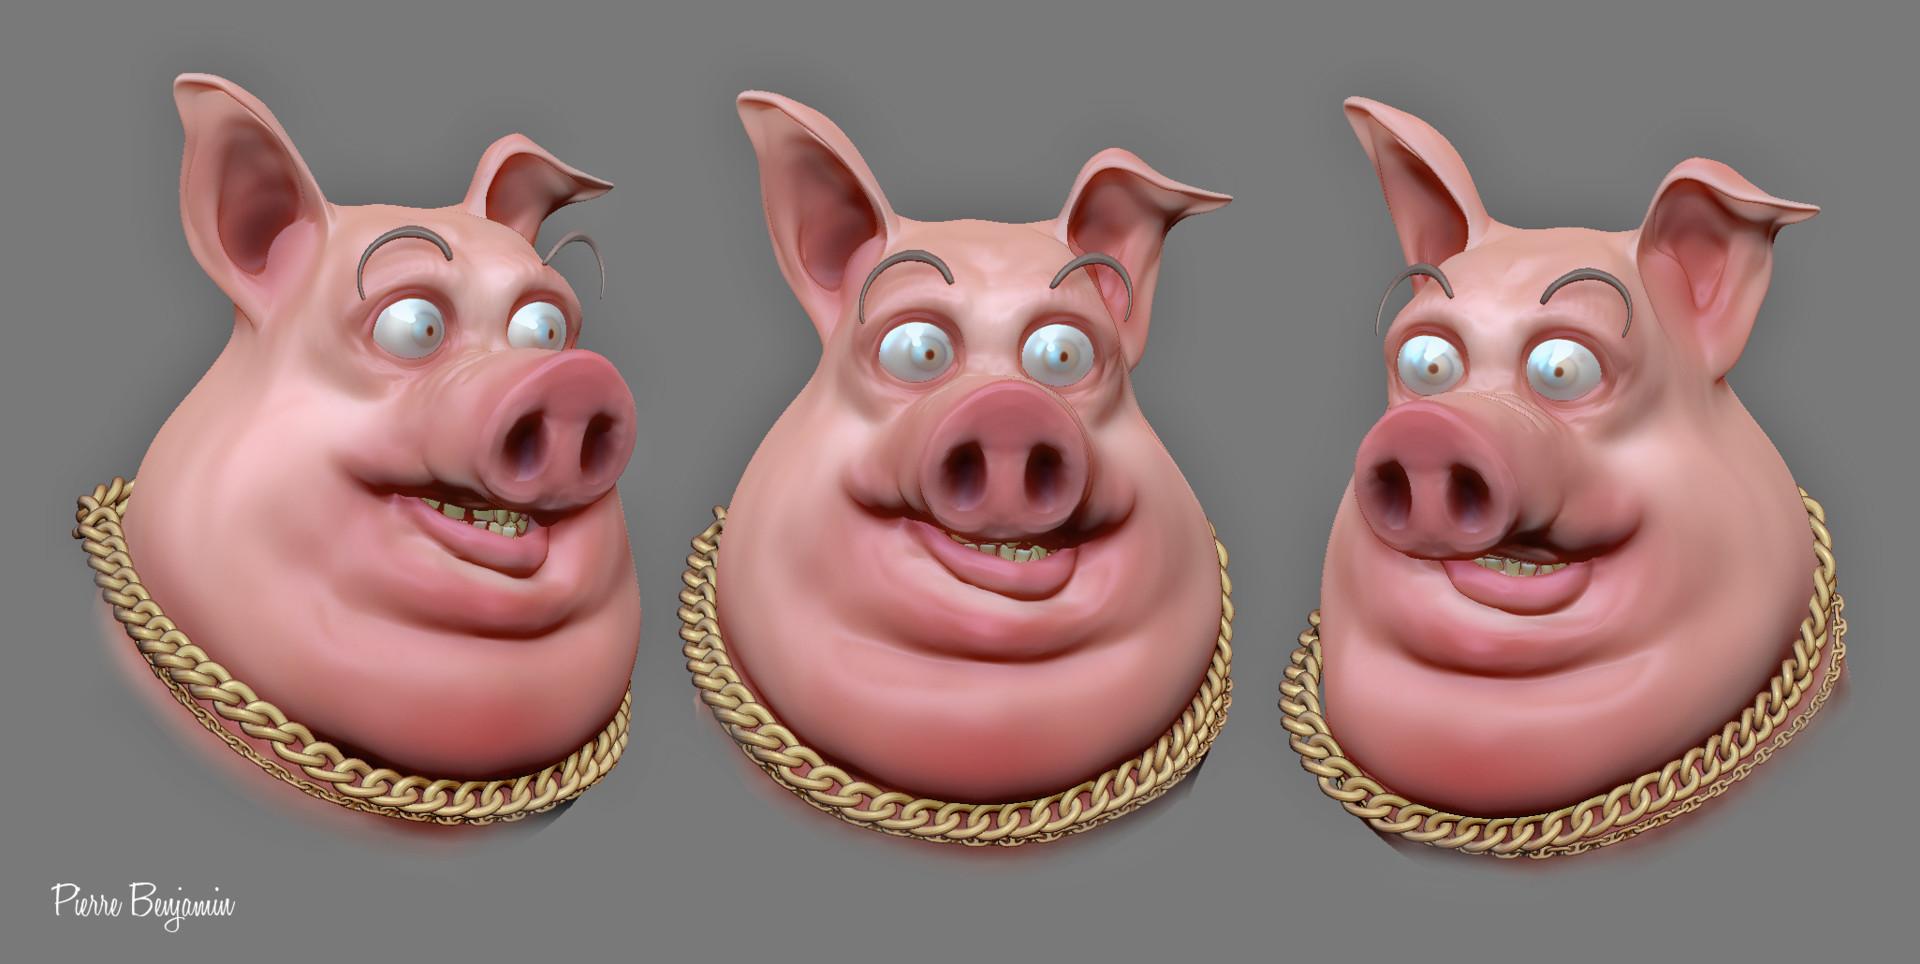 Pierre benjamin pigs new 0004